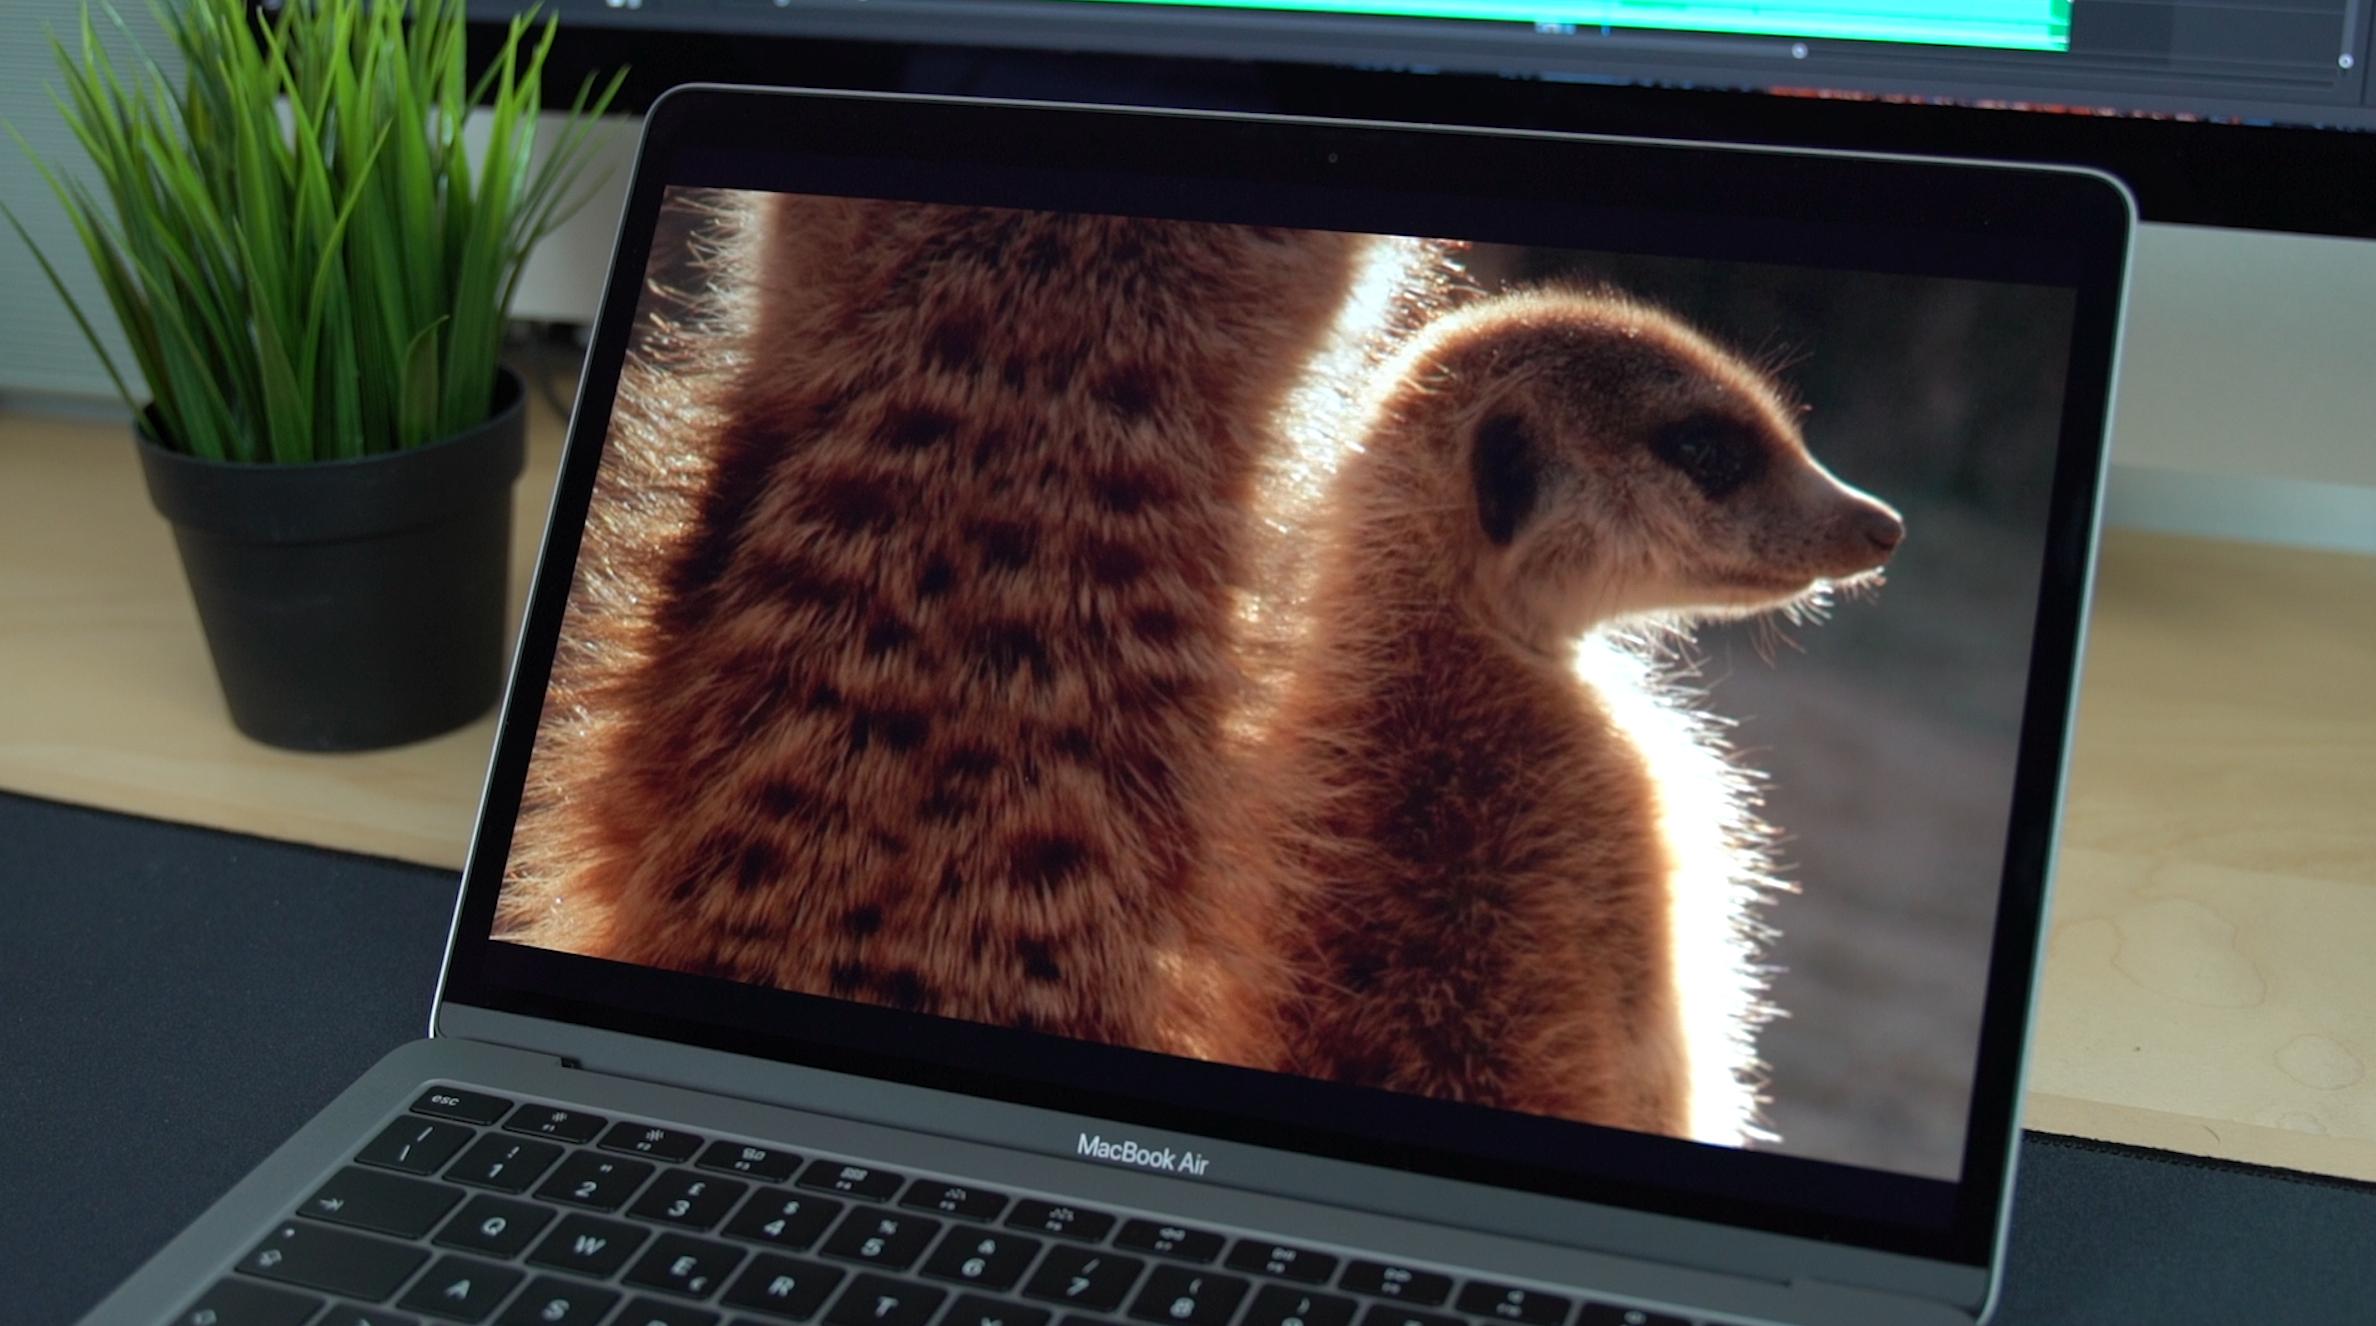 Recensione MacBook Air (2018): può sostituire un MacBook Pro 13? 2